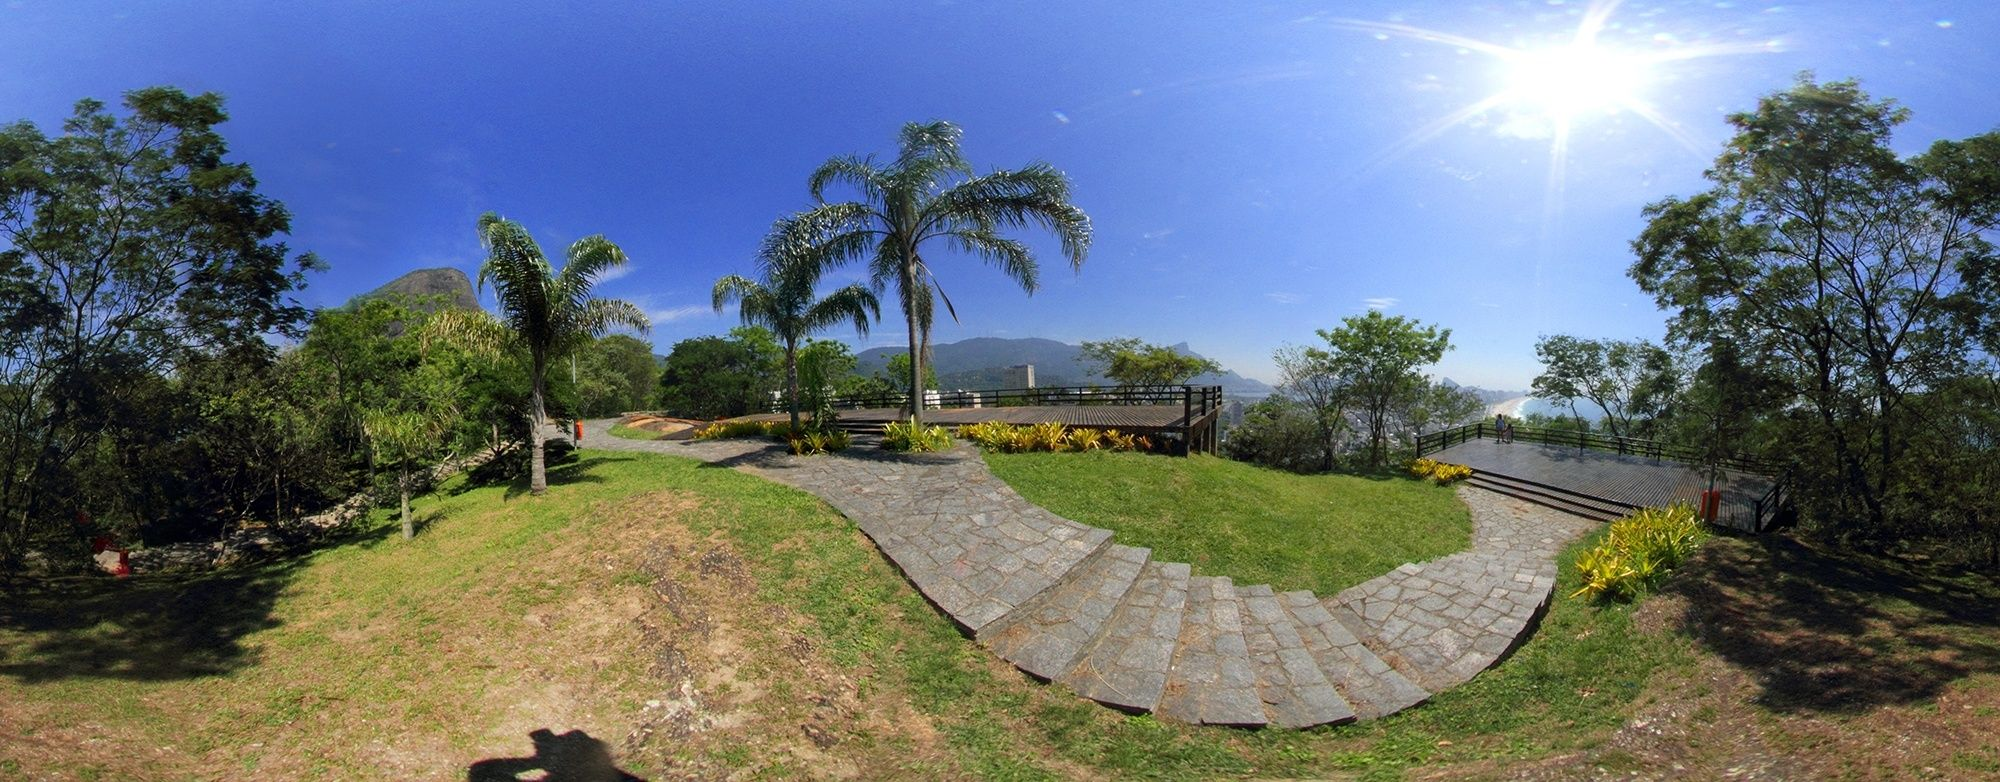 Empresas de Tour Virtual Engenheiro Paulo de Frontin - Fotografia com Drone